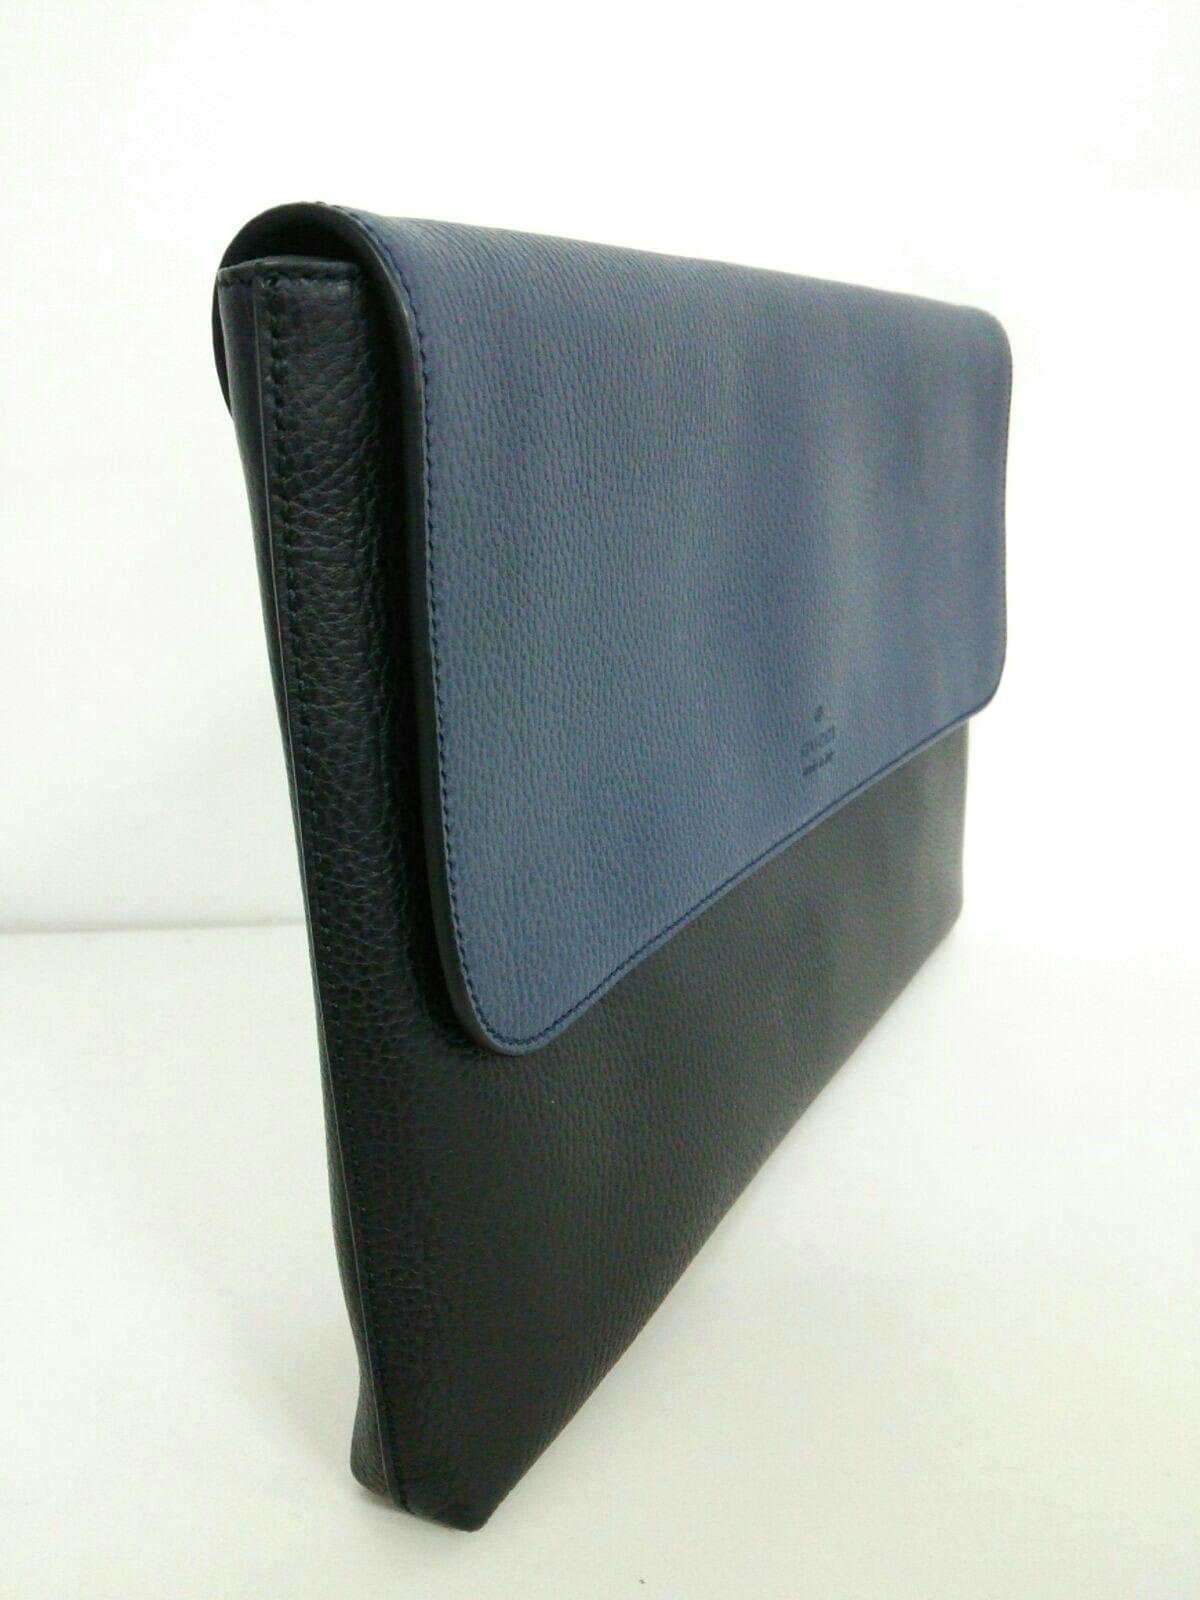 new product 4785e f8318 グッチ クラッチバッグ - 387082 黒×ネイビー ブリーフケース